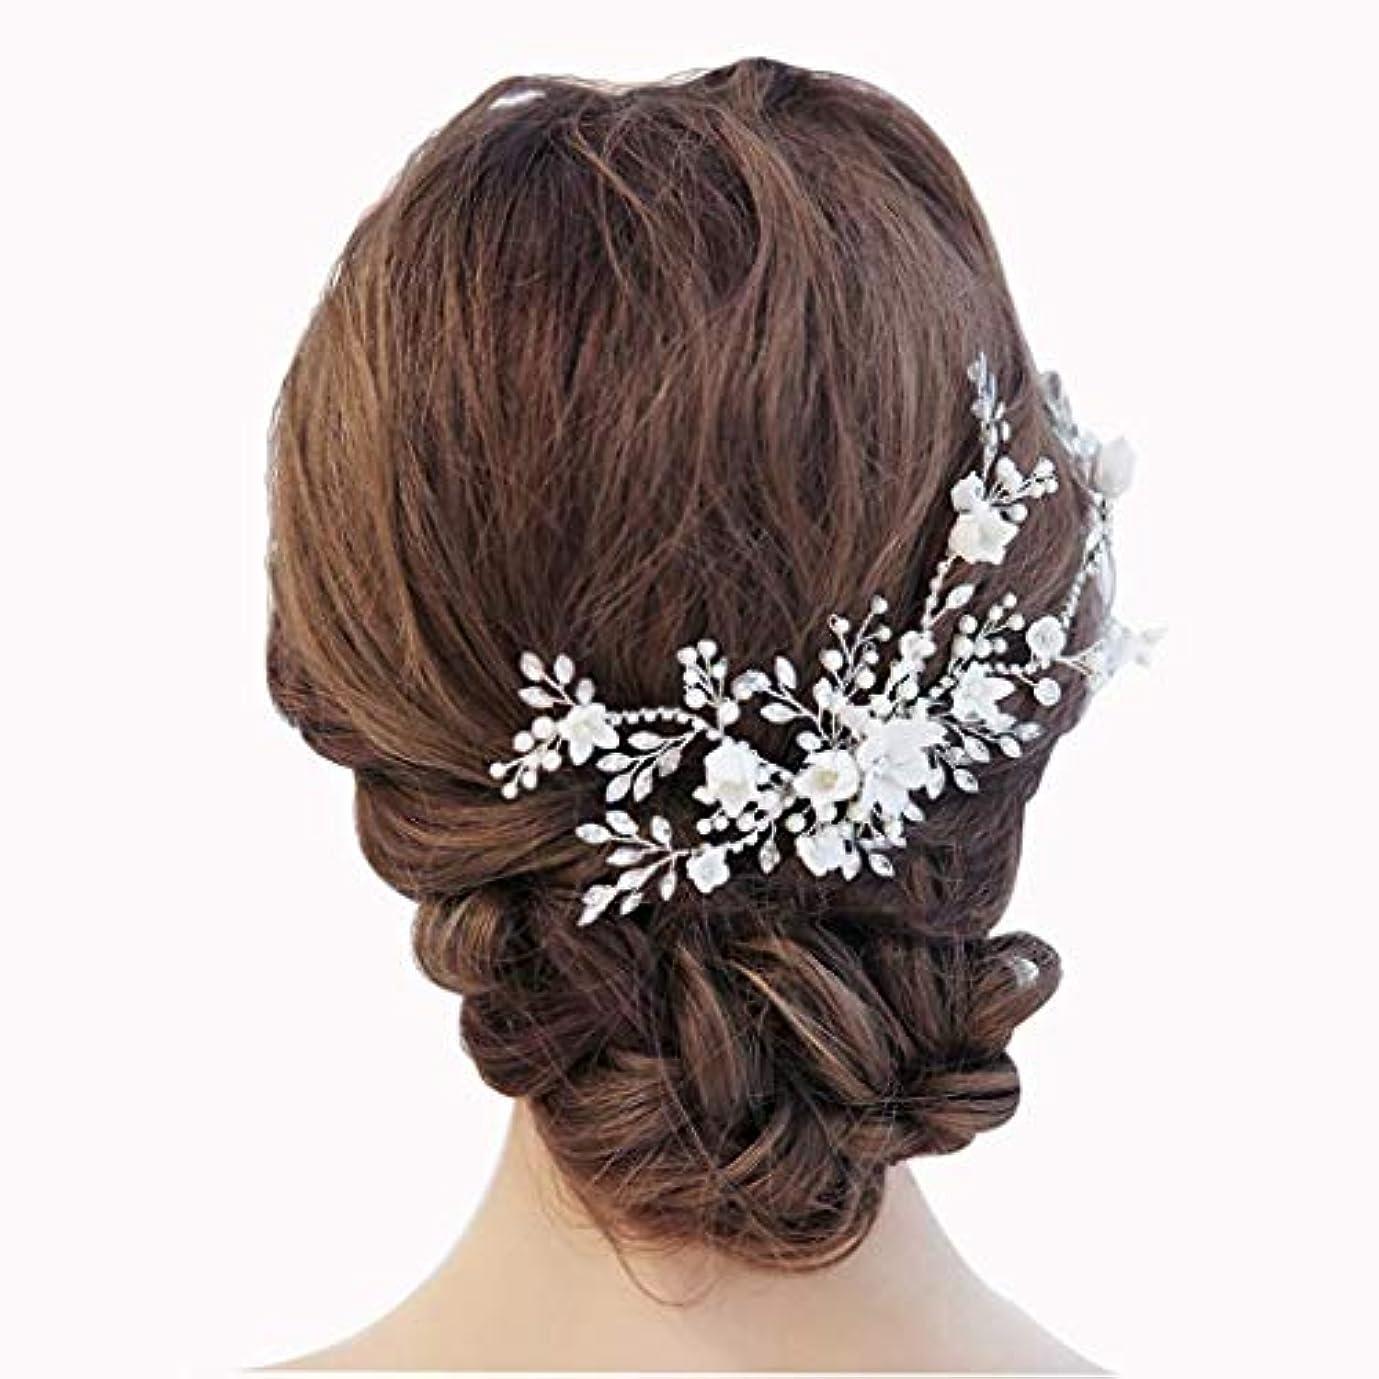 有利高揚した起点手作りのガーランド、ブライダルヘッドドレススーパーフェアリーヘッドヘッドパールラインストーンジュエリー結婚式のアクセサリーヘアアクセサリー付きパールフラワーウェディング、パーティー